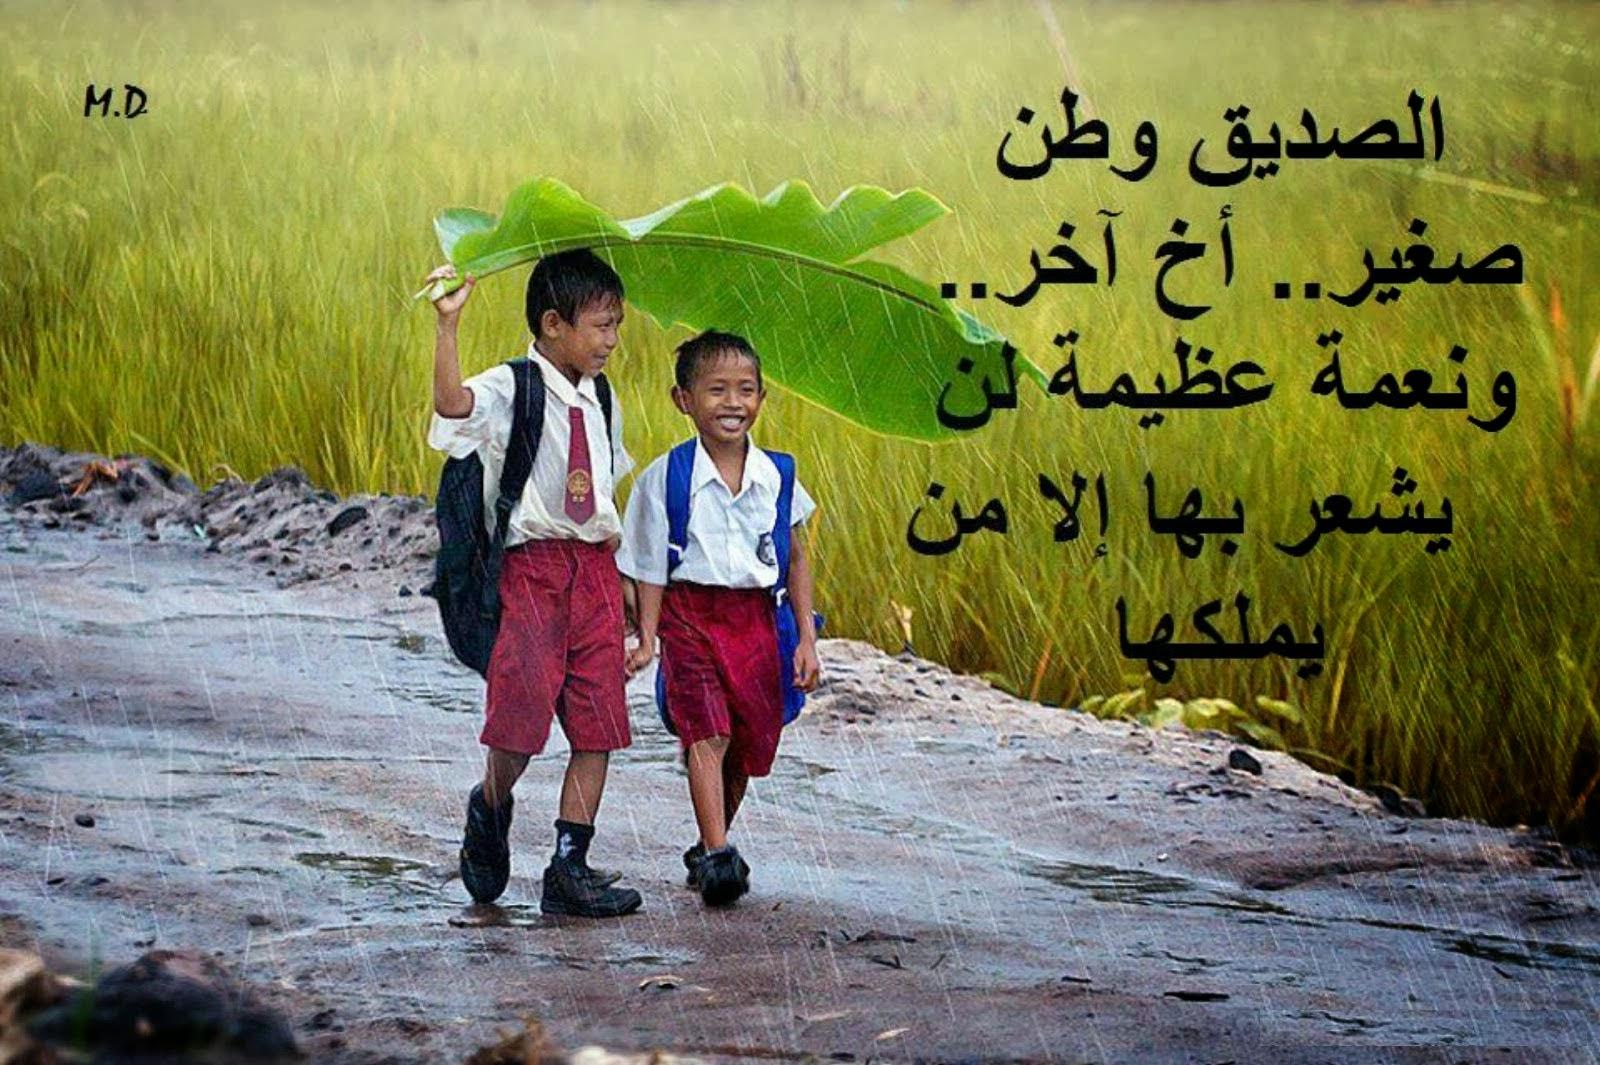 صورة كلام في الصميم عن الصداقه , احلى كلام عن الصدقاء الطيبون 11612 1